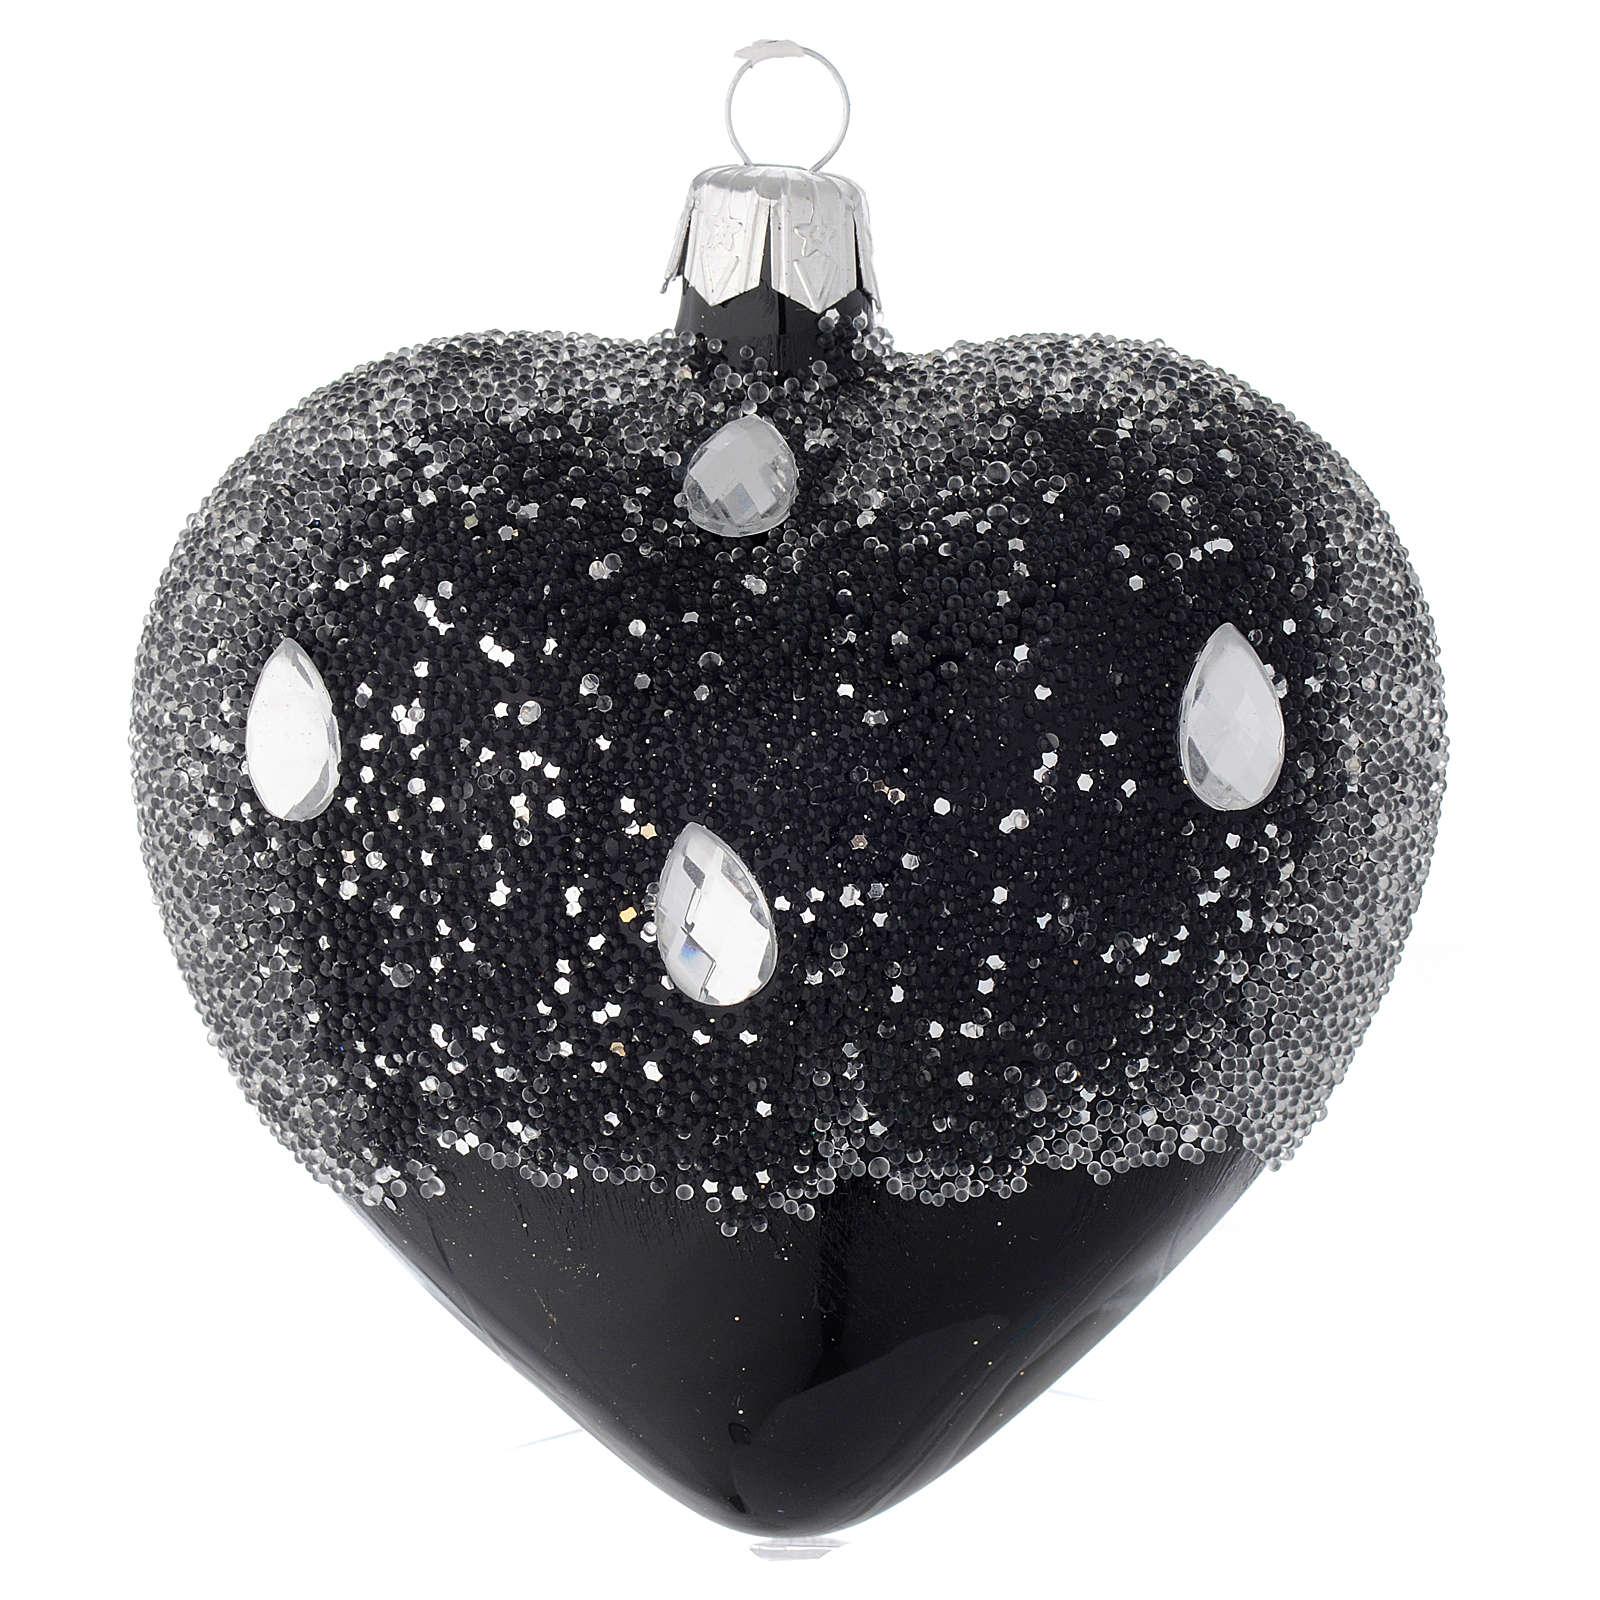 Bombka bożonarodzeniowa w ksztalcie serca szkło czarne z brokatem 100mm 4